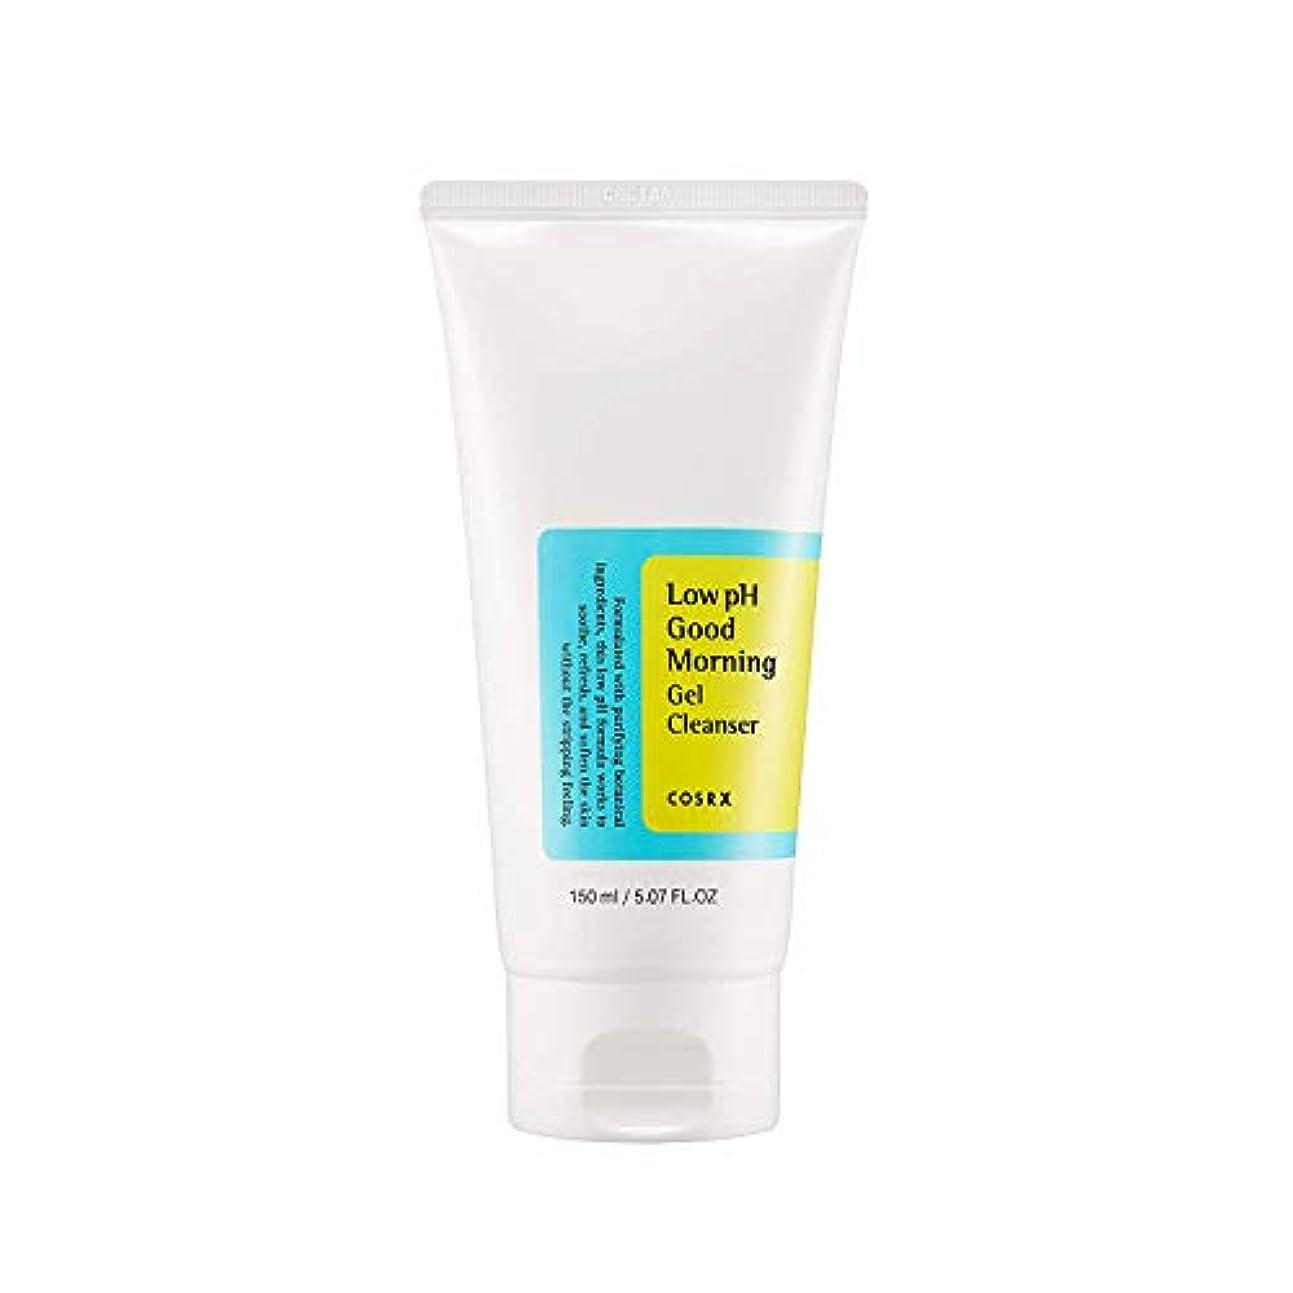 無駄に増強遅れCOSRX 弱酸性 グッドモーニング ジェルクレンザー / 敏感肌用 クレンジングジェル / Low PH Good Morning Gel Cleanser (150ml)